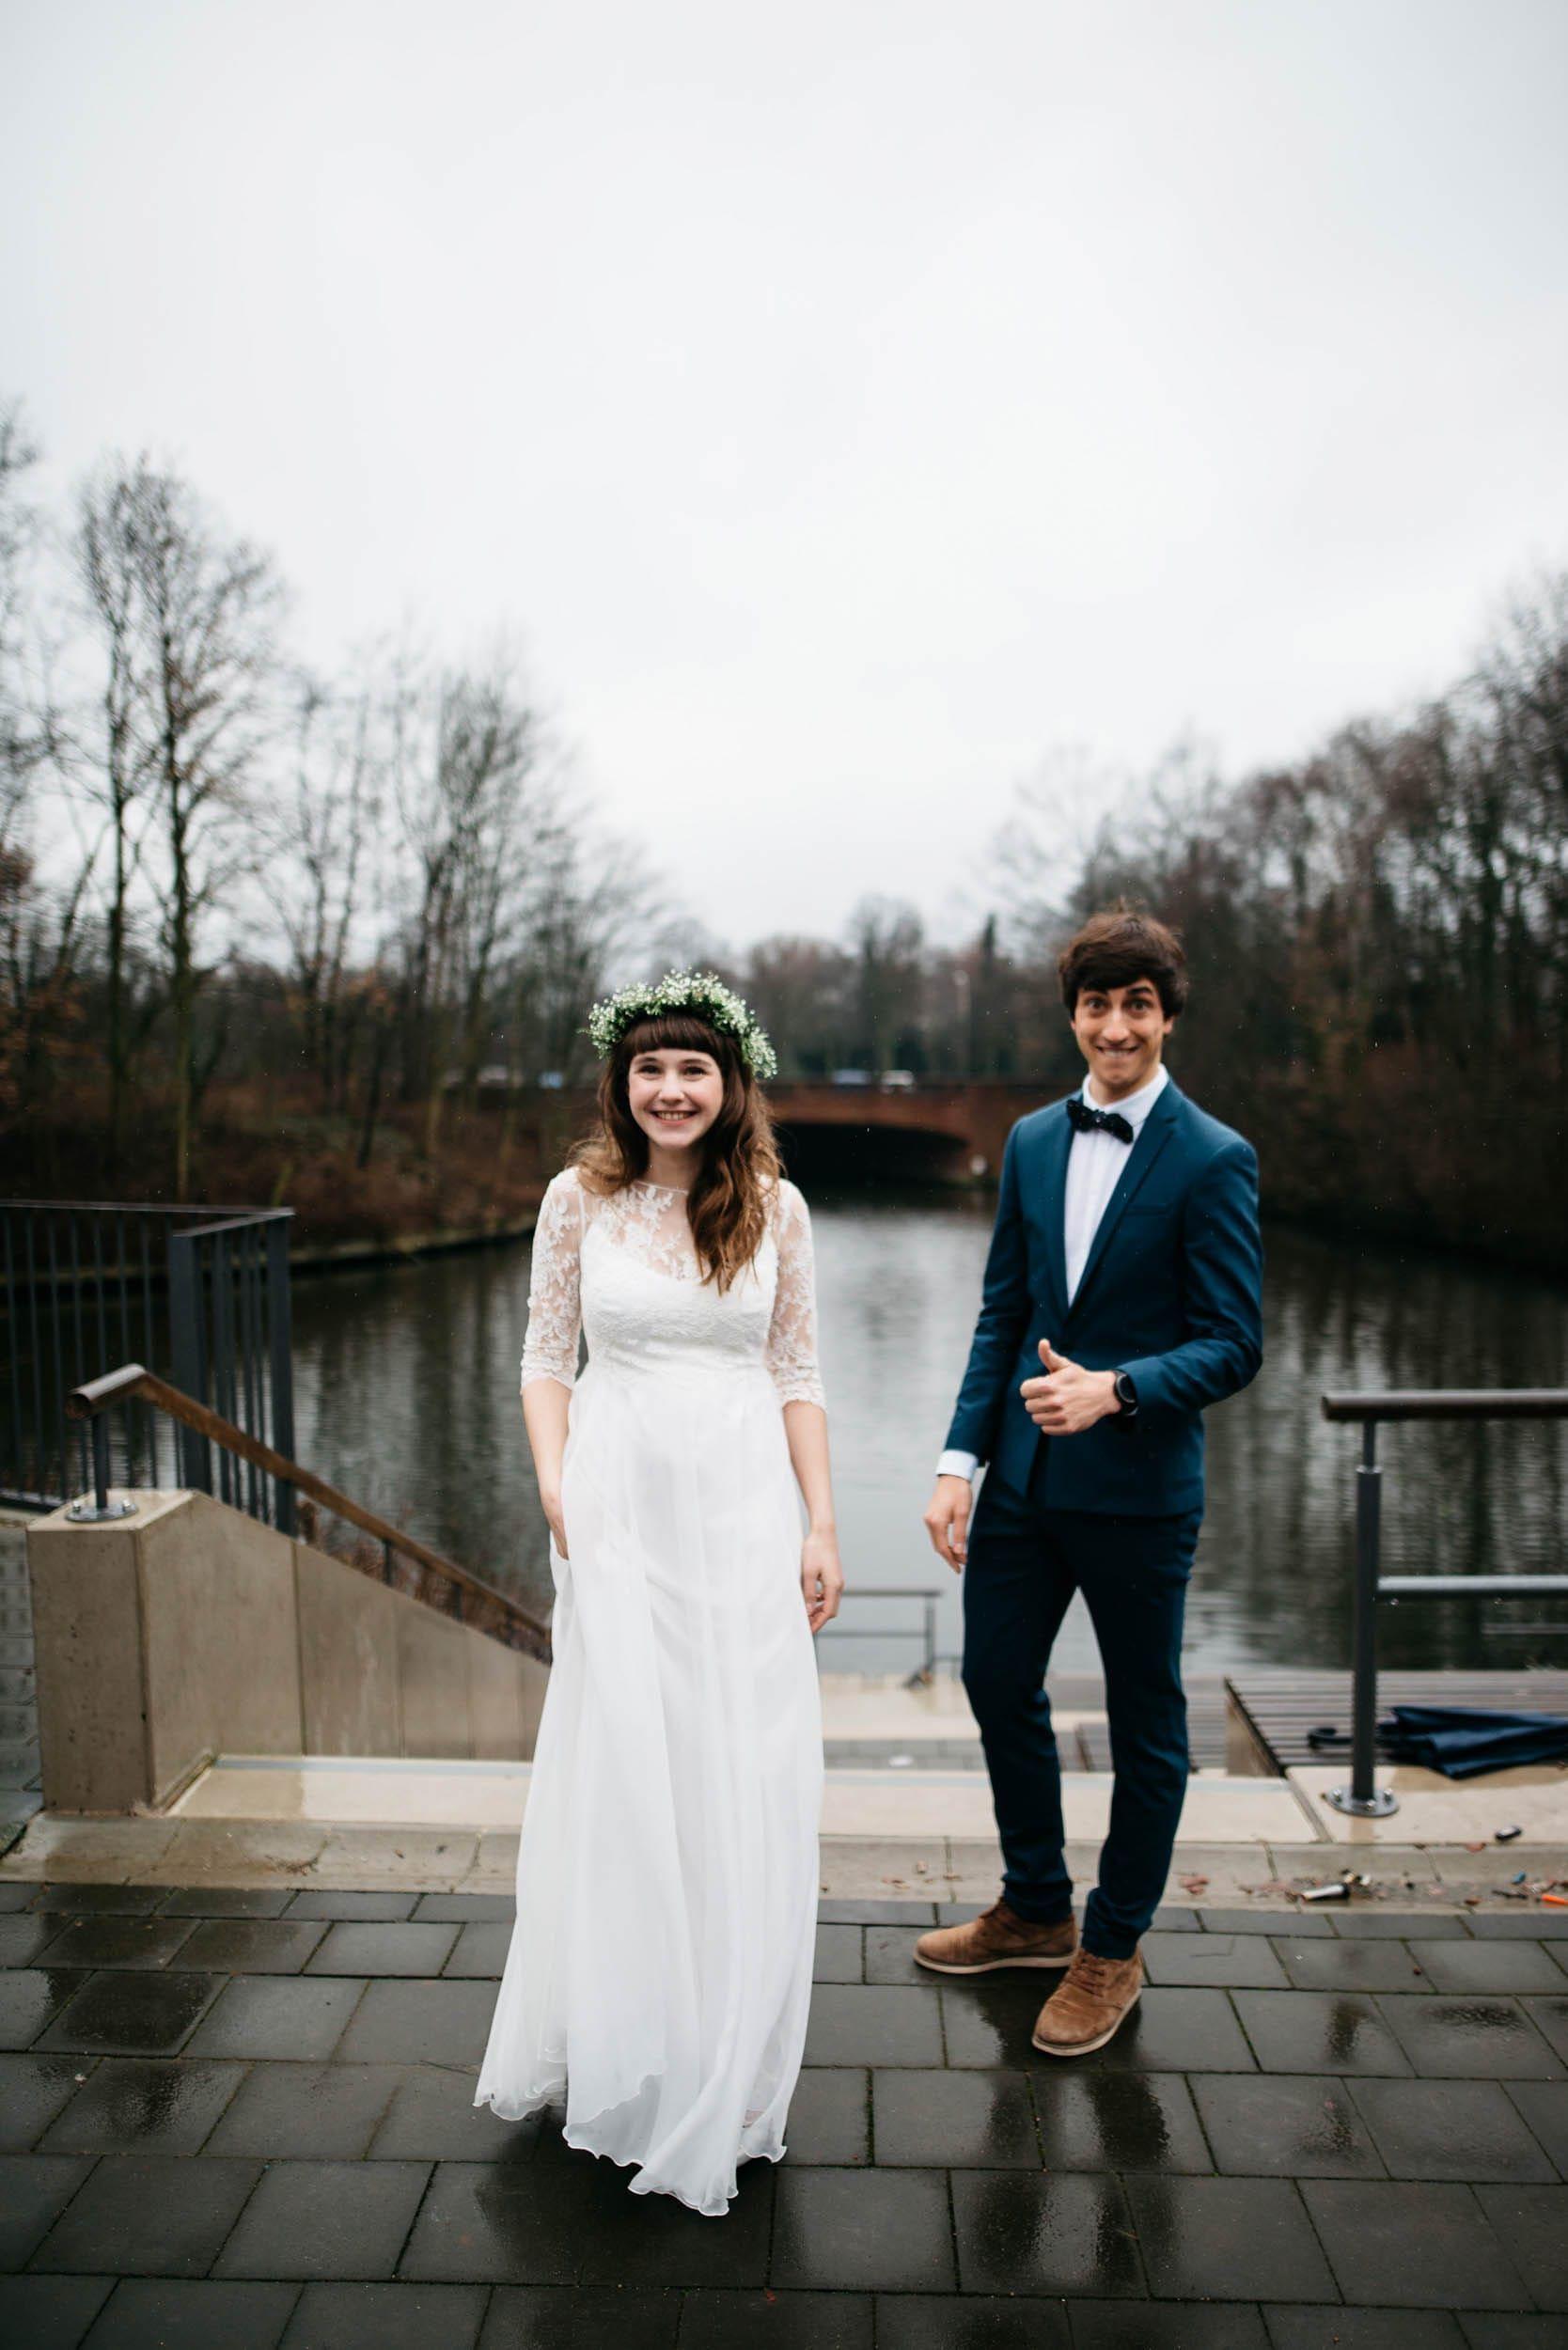 Unsere Hochzeit | Hochzeit Hamburg, Wedding Winter Und Kleider